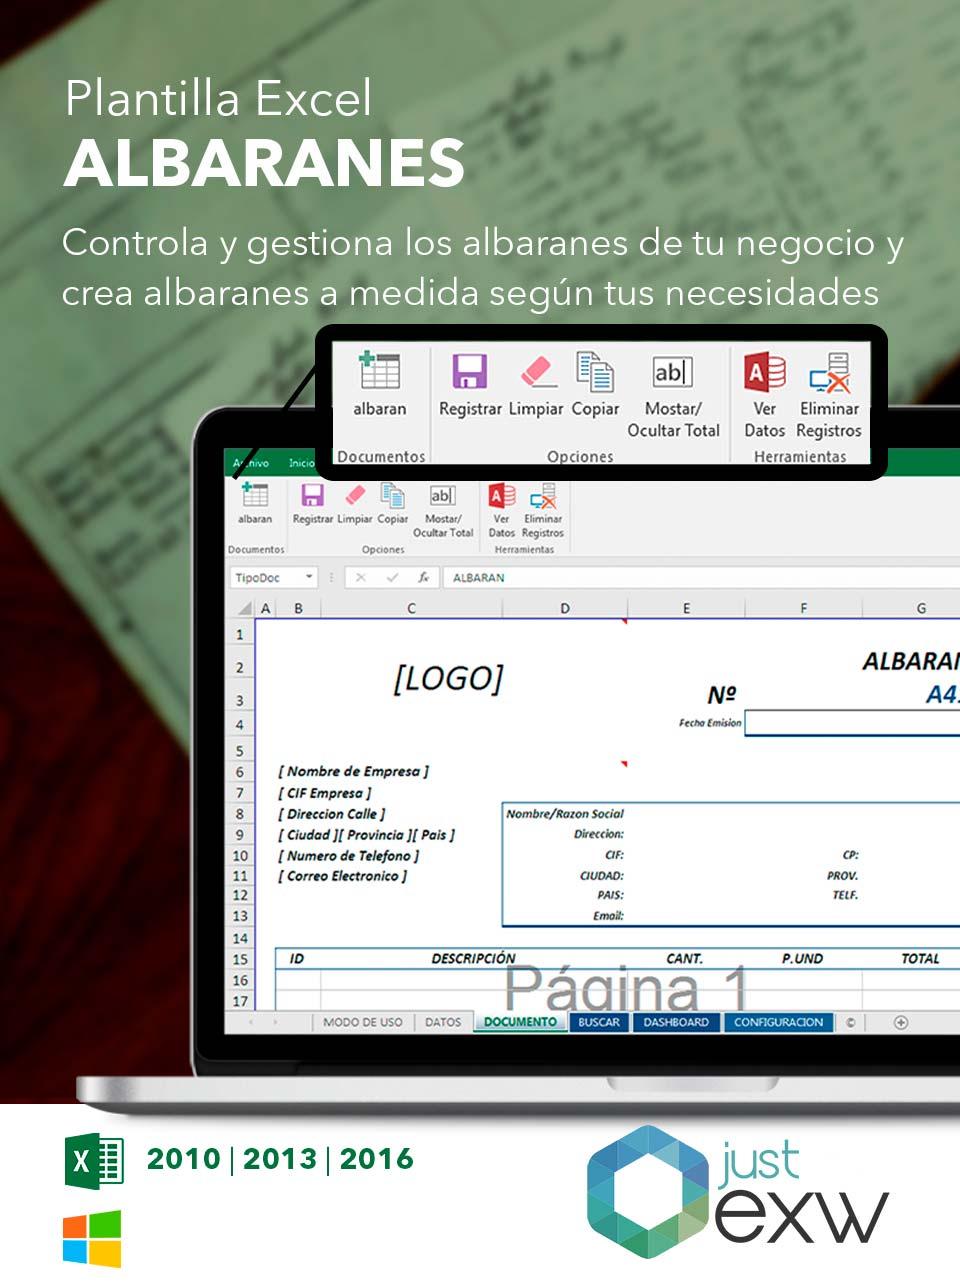 Plantilla de Excel de albaranes